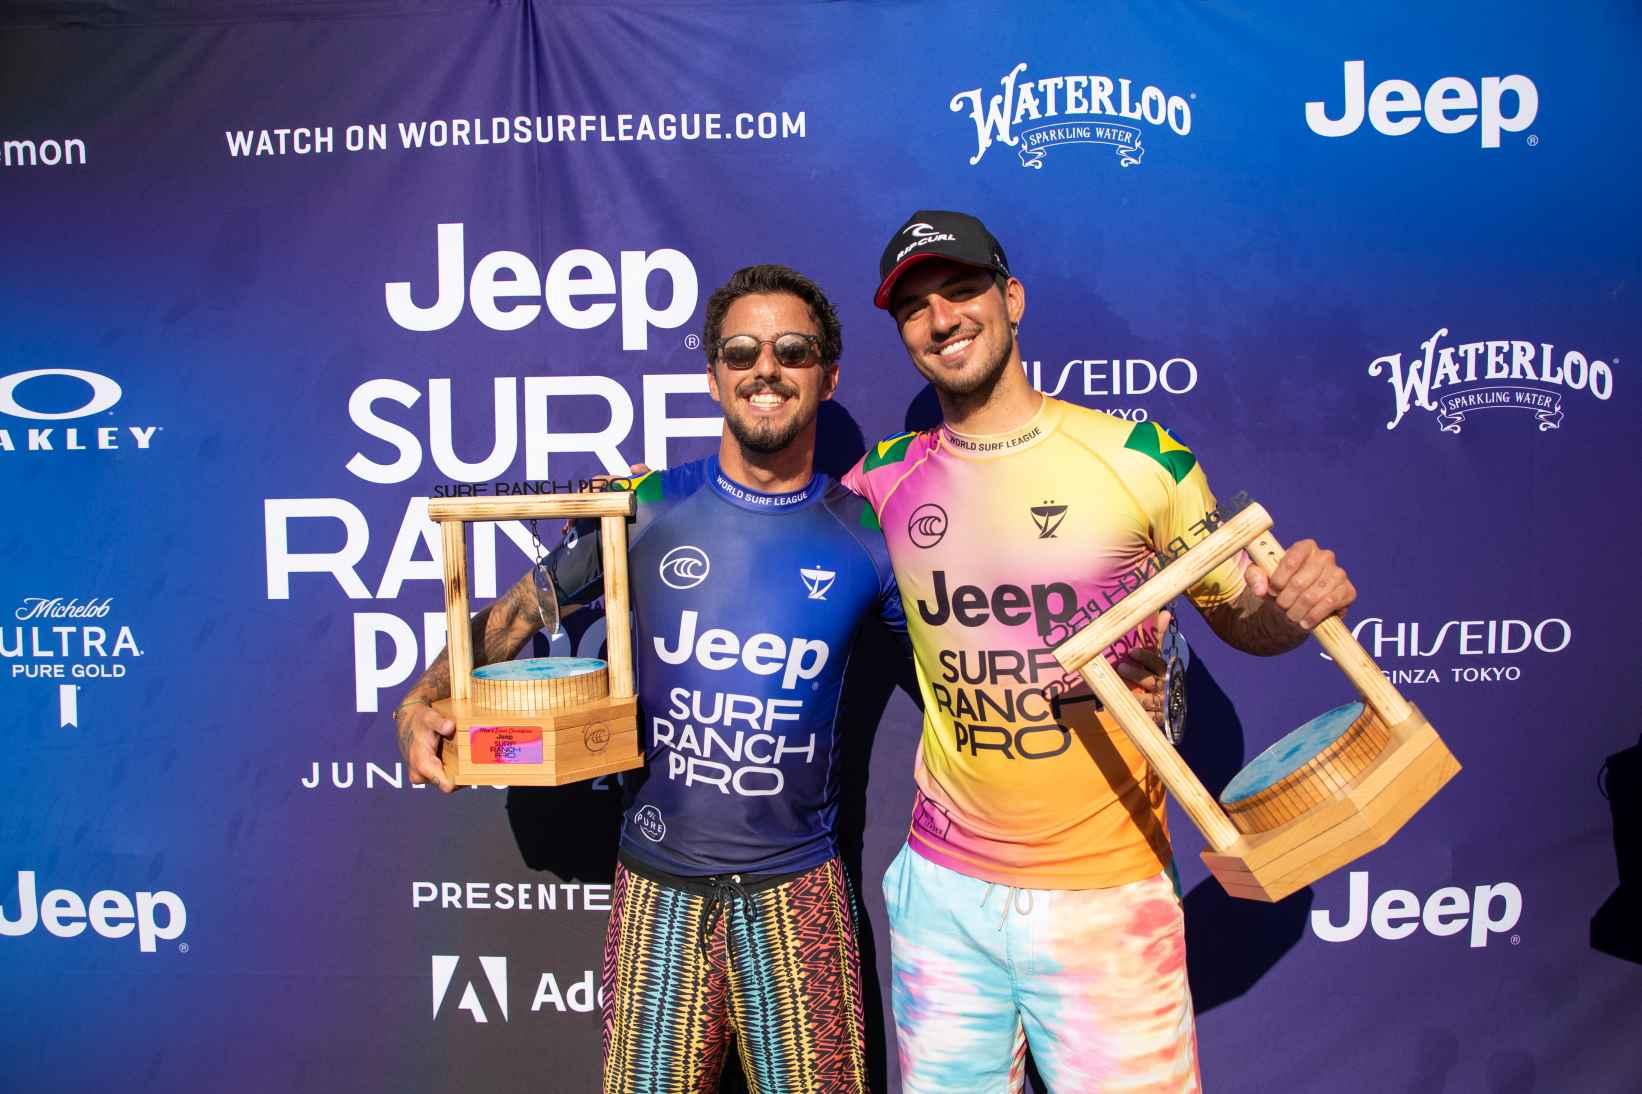 surf30 surf ranch pro 2021 wsl surf Toledo F Medina G Heff 8962